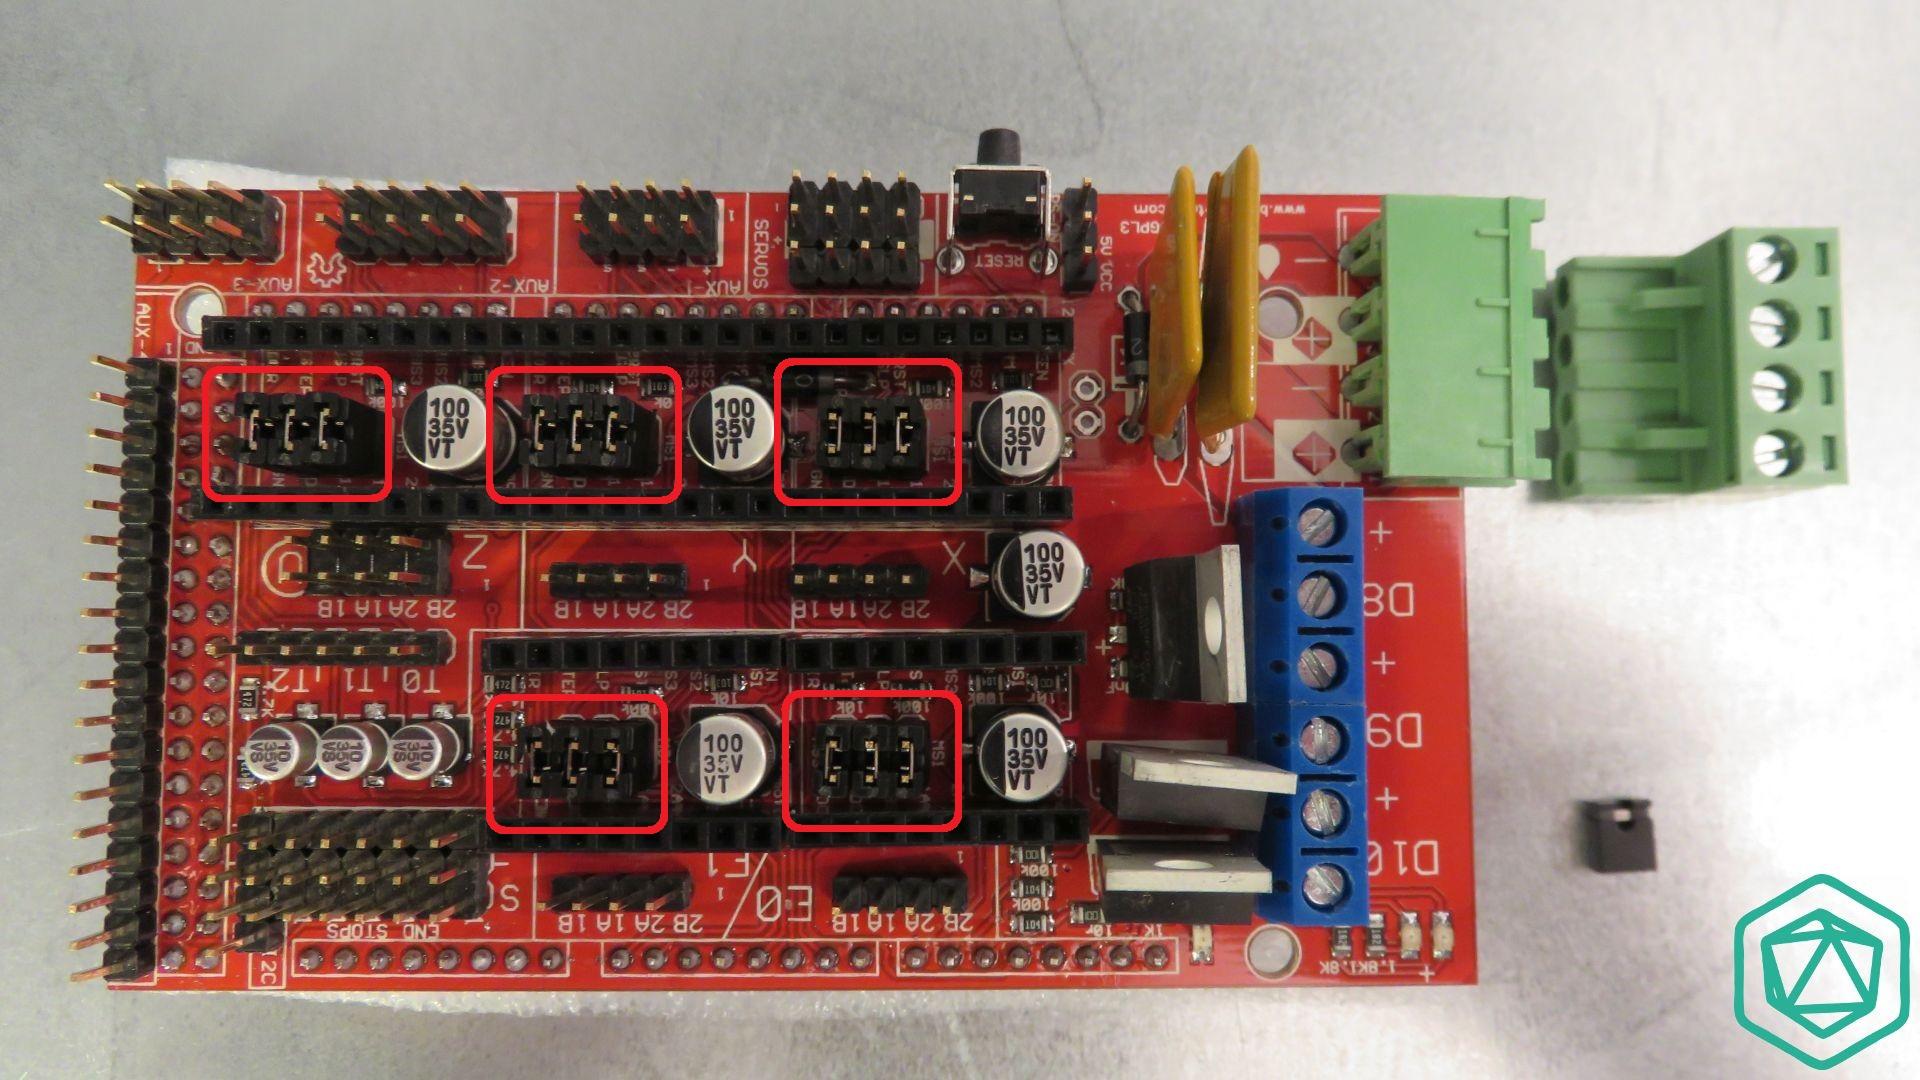 Foxconn N15235 Motherboard Diagram